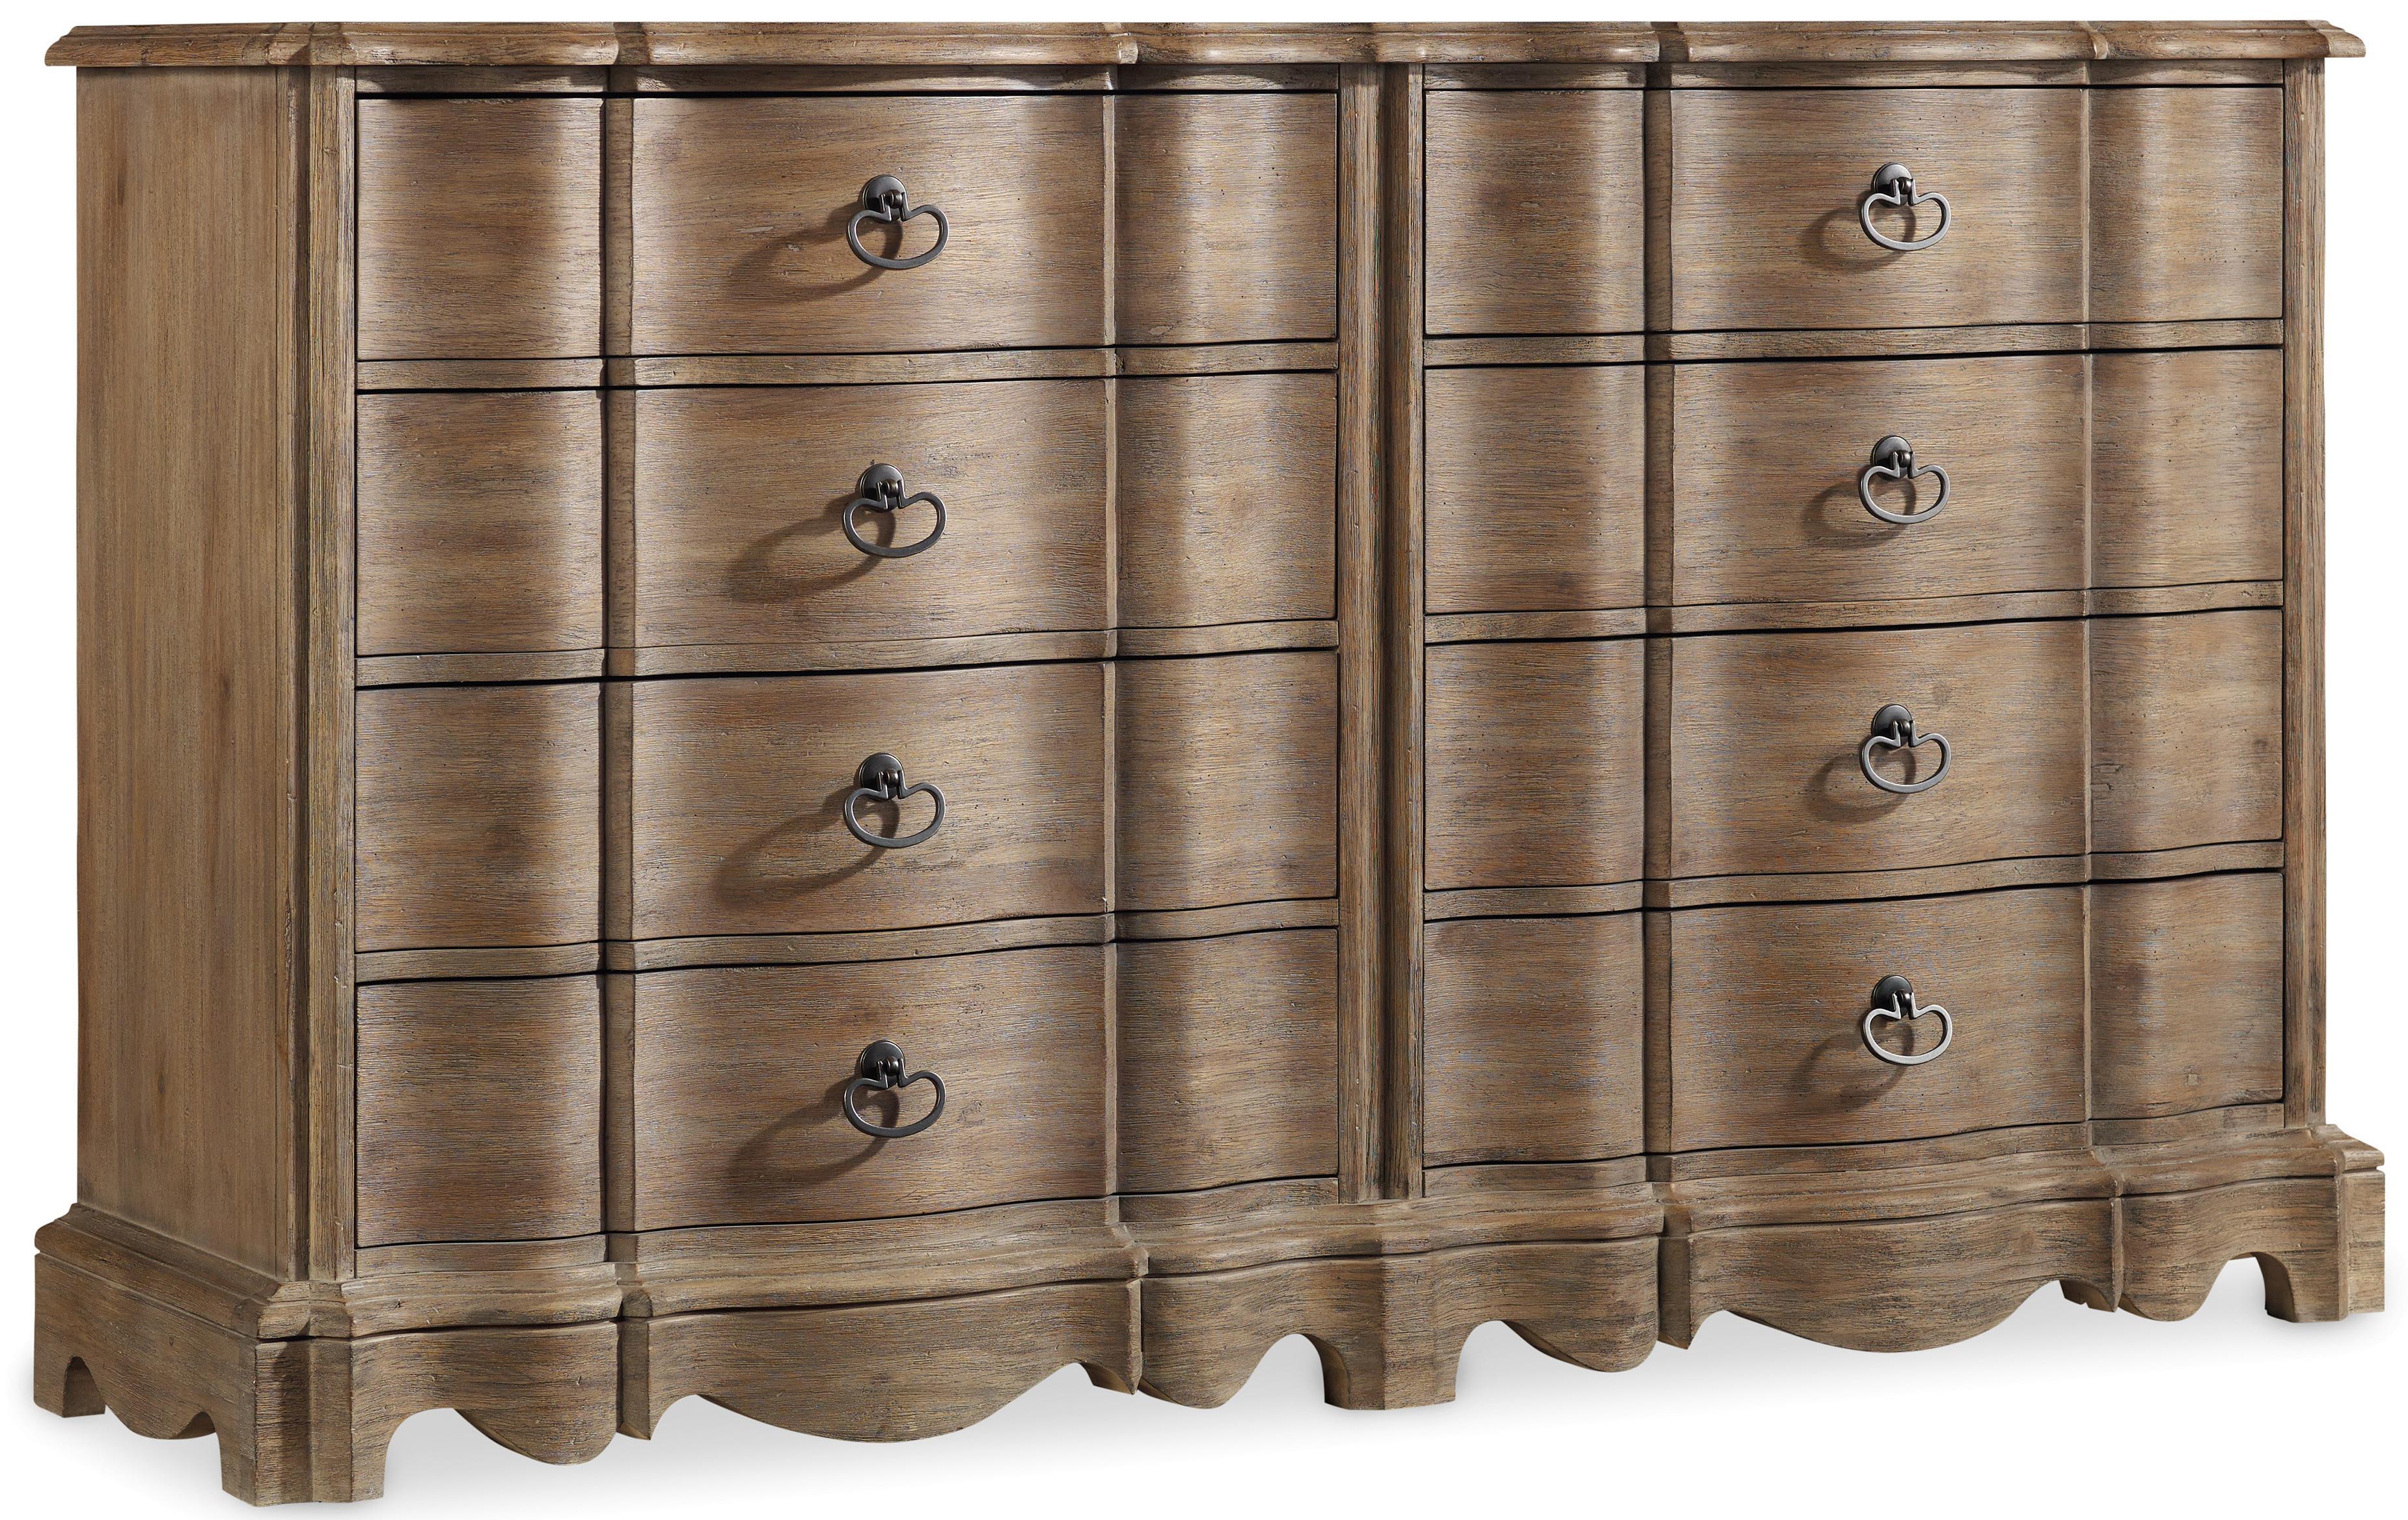 Corsica Dresser by Hooker Furniture at Baer's Furniture